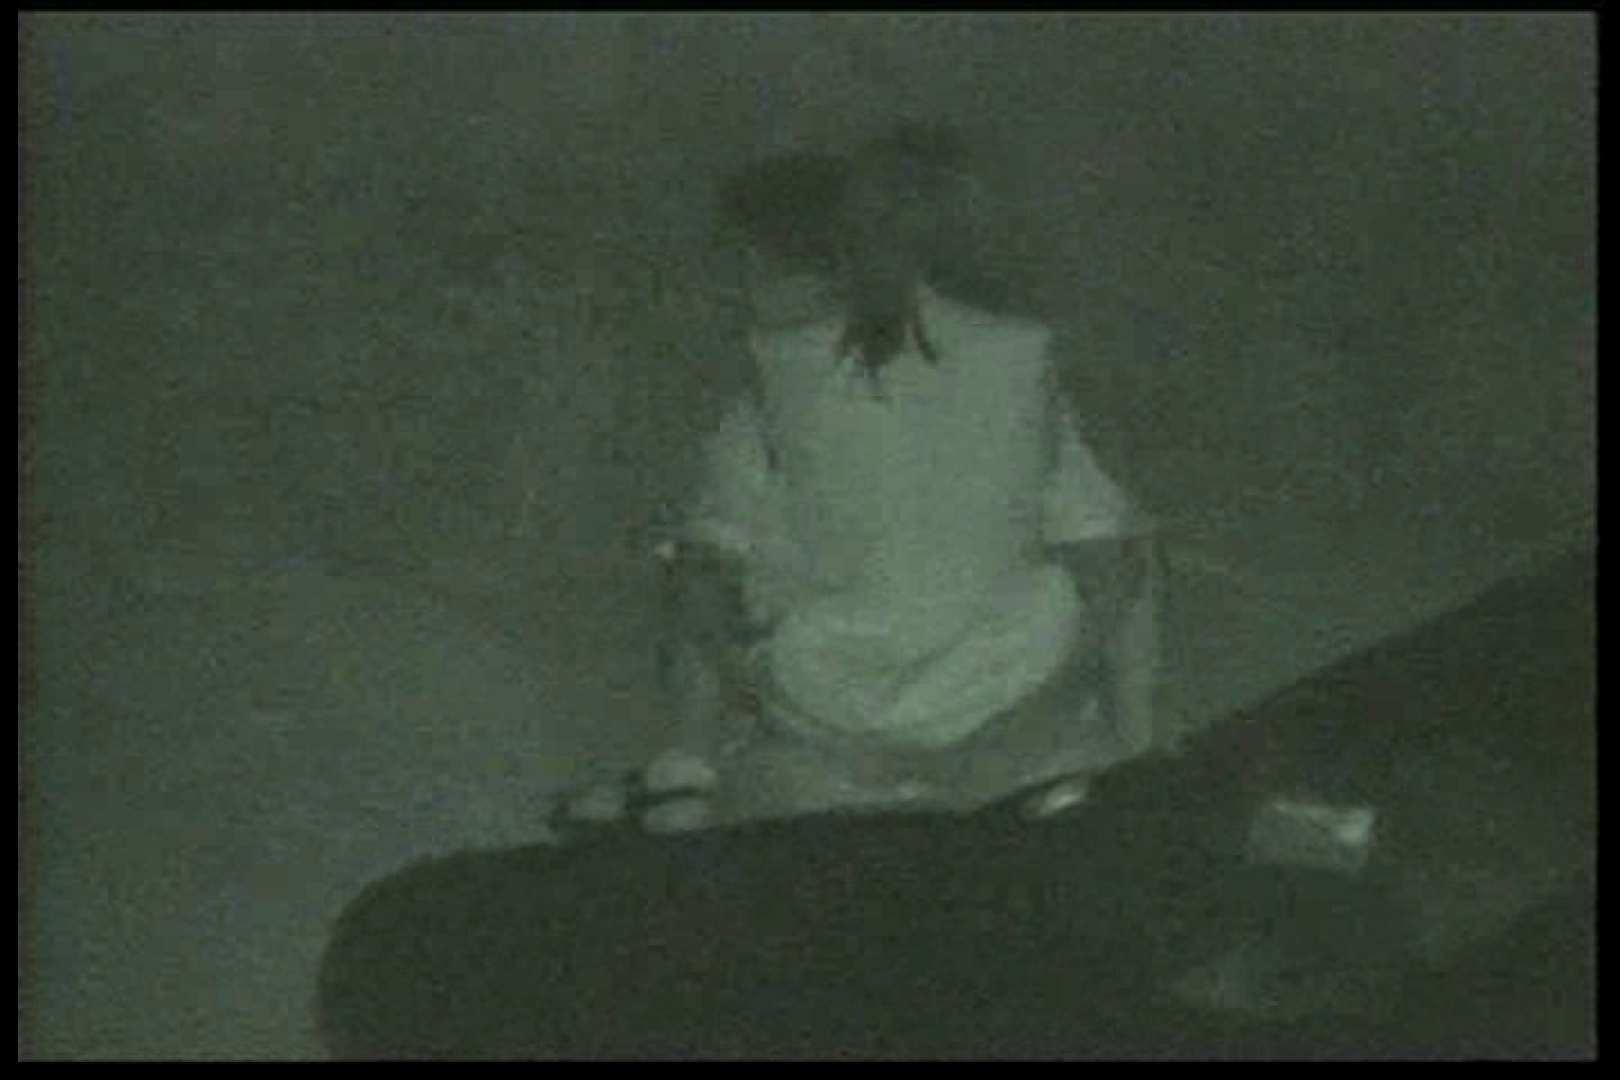 車の中はラブホテル 無修正版  Vol.15 OLの実態 覗きワレメ動画紹介 89pic 16